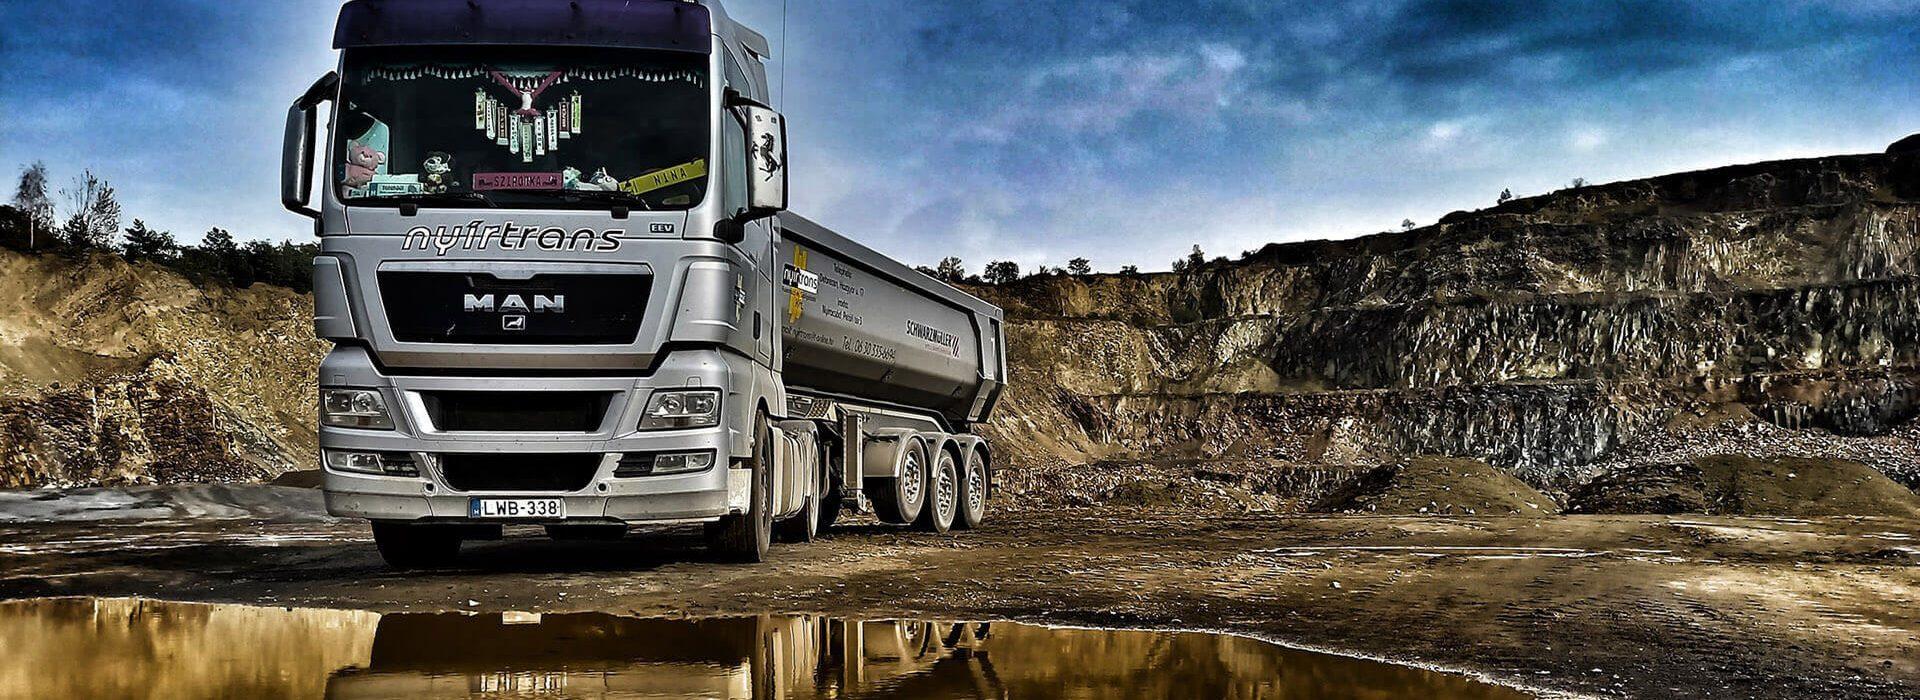 Nyírtrans kamion